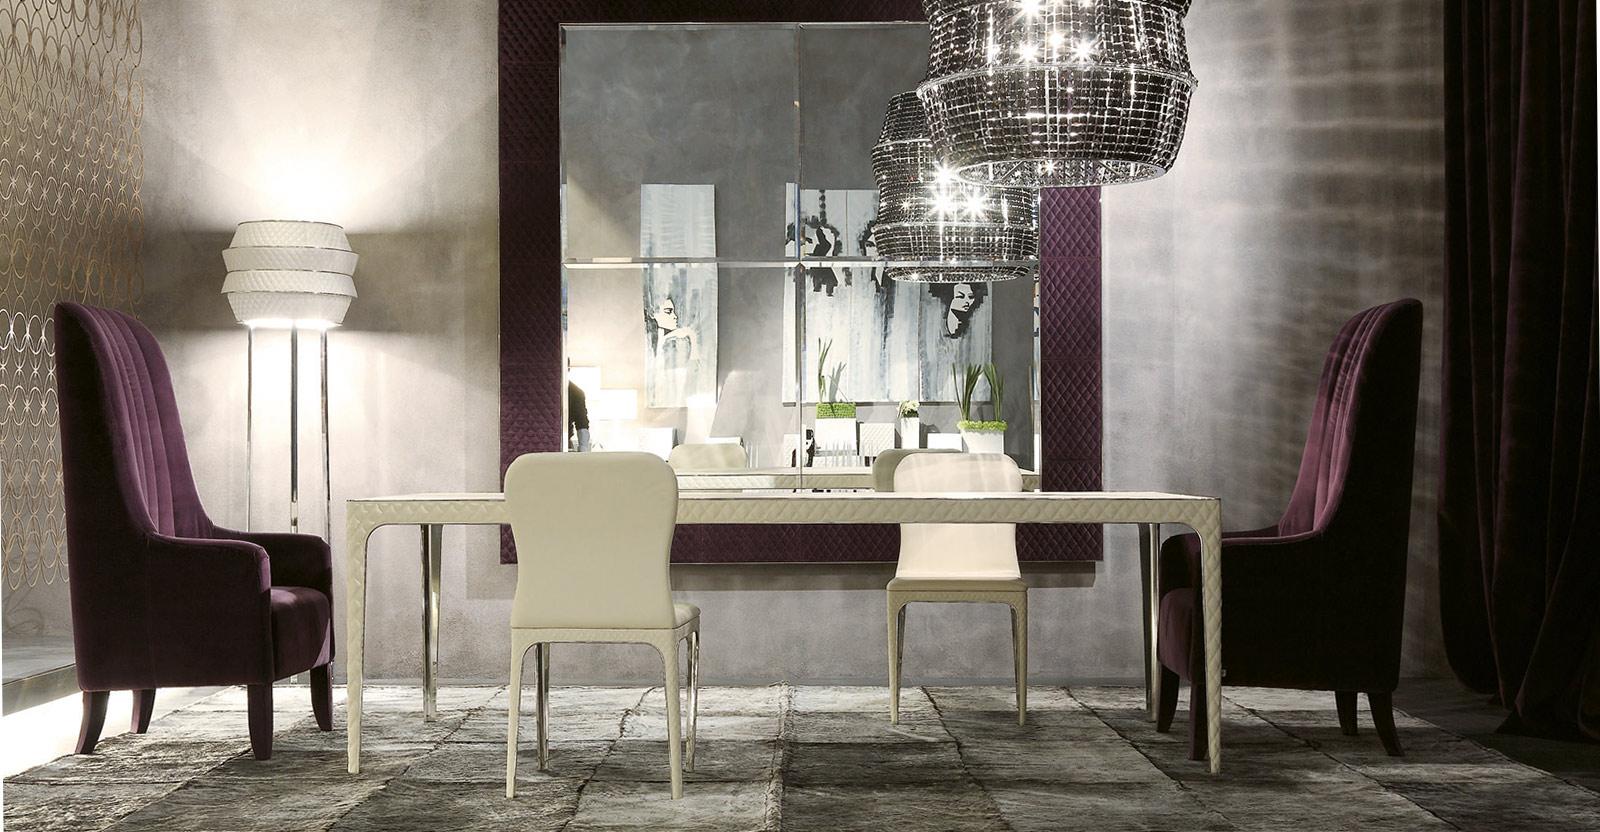 Il fregio luxury home interior design napoli mobili napoli mobili eleganti napoli mobili - Interior design napoli ...